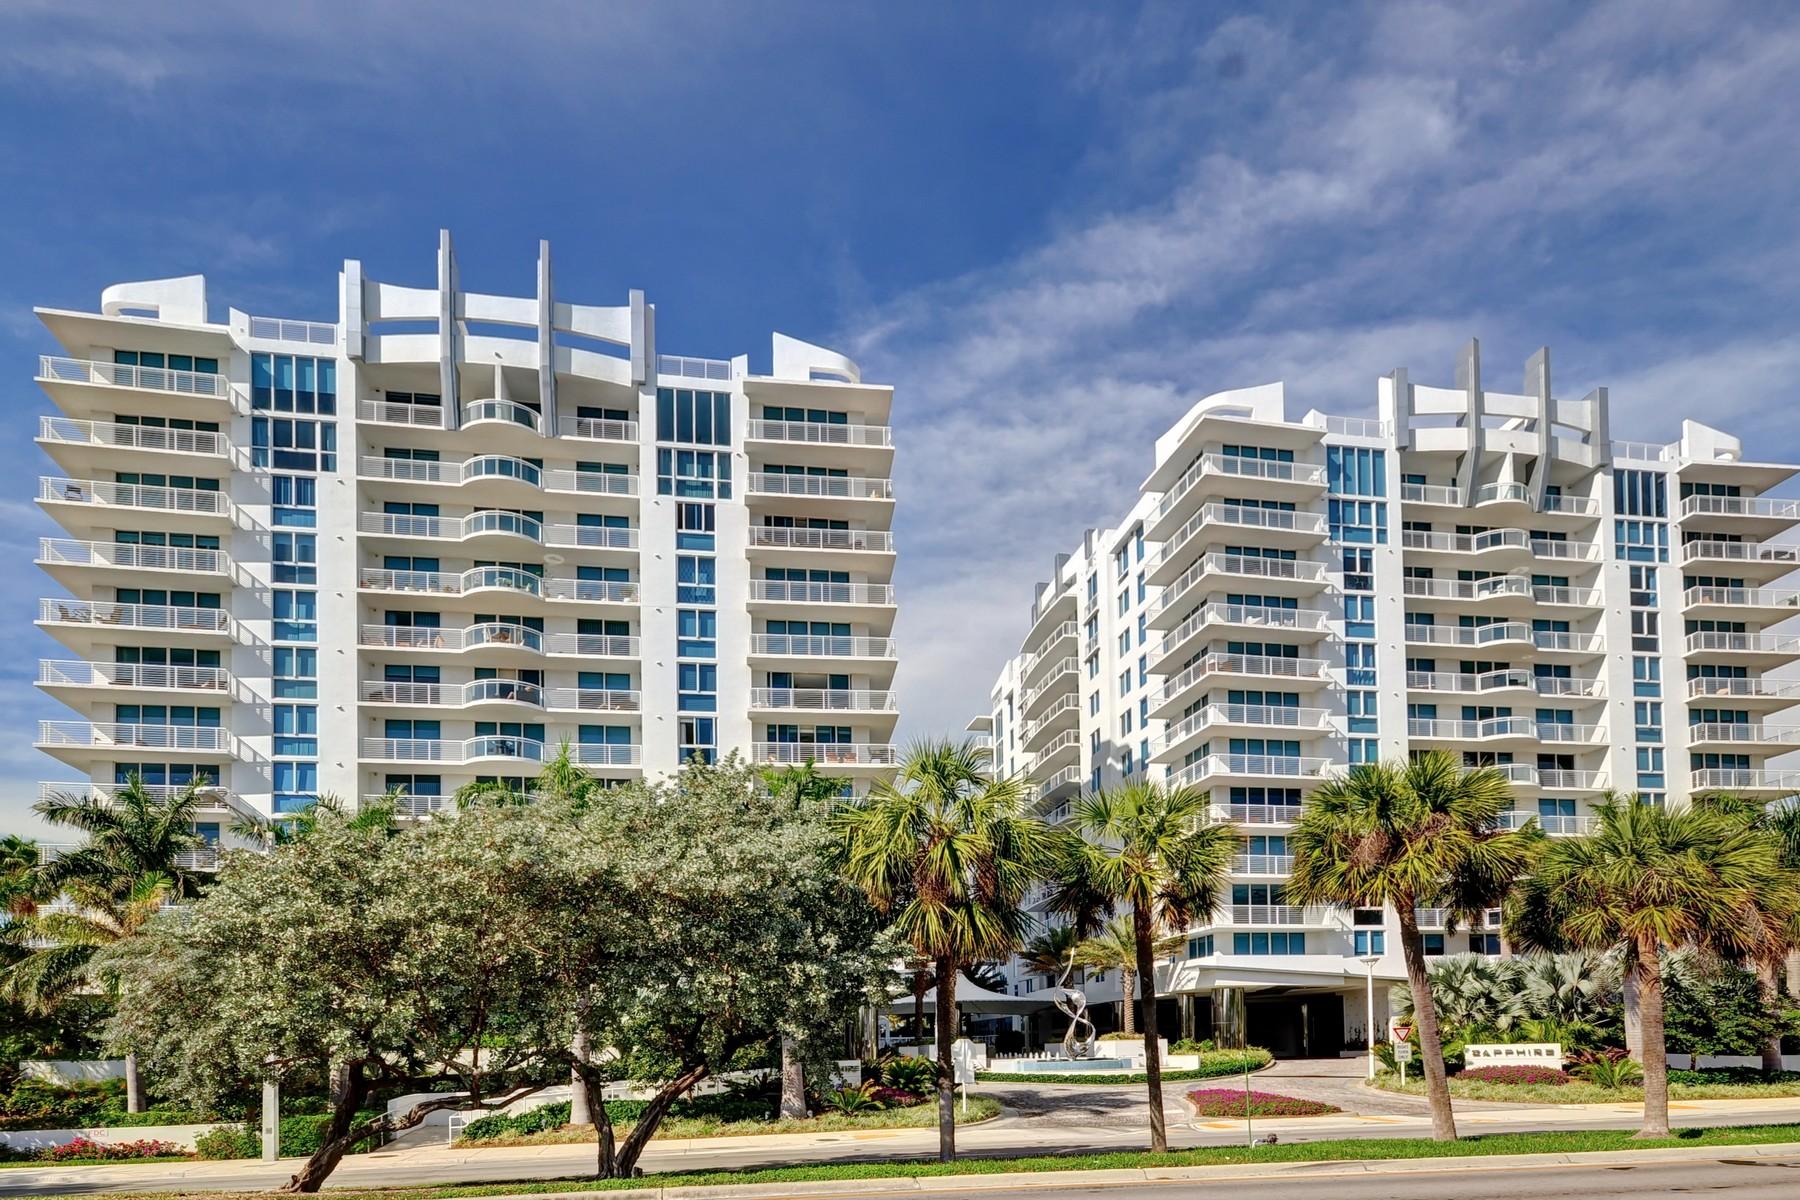 共管式独立产权公寓 为 销售 在 Sapphire Fort Lauderdale 2821 N. Ocean Blvd Unit #1005S 劳德代尔堡, 佛罗里达州, 33308 美国